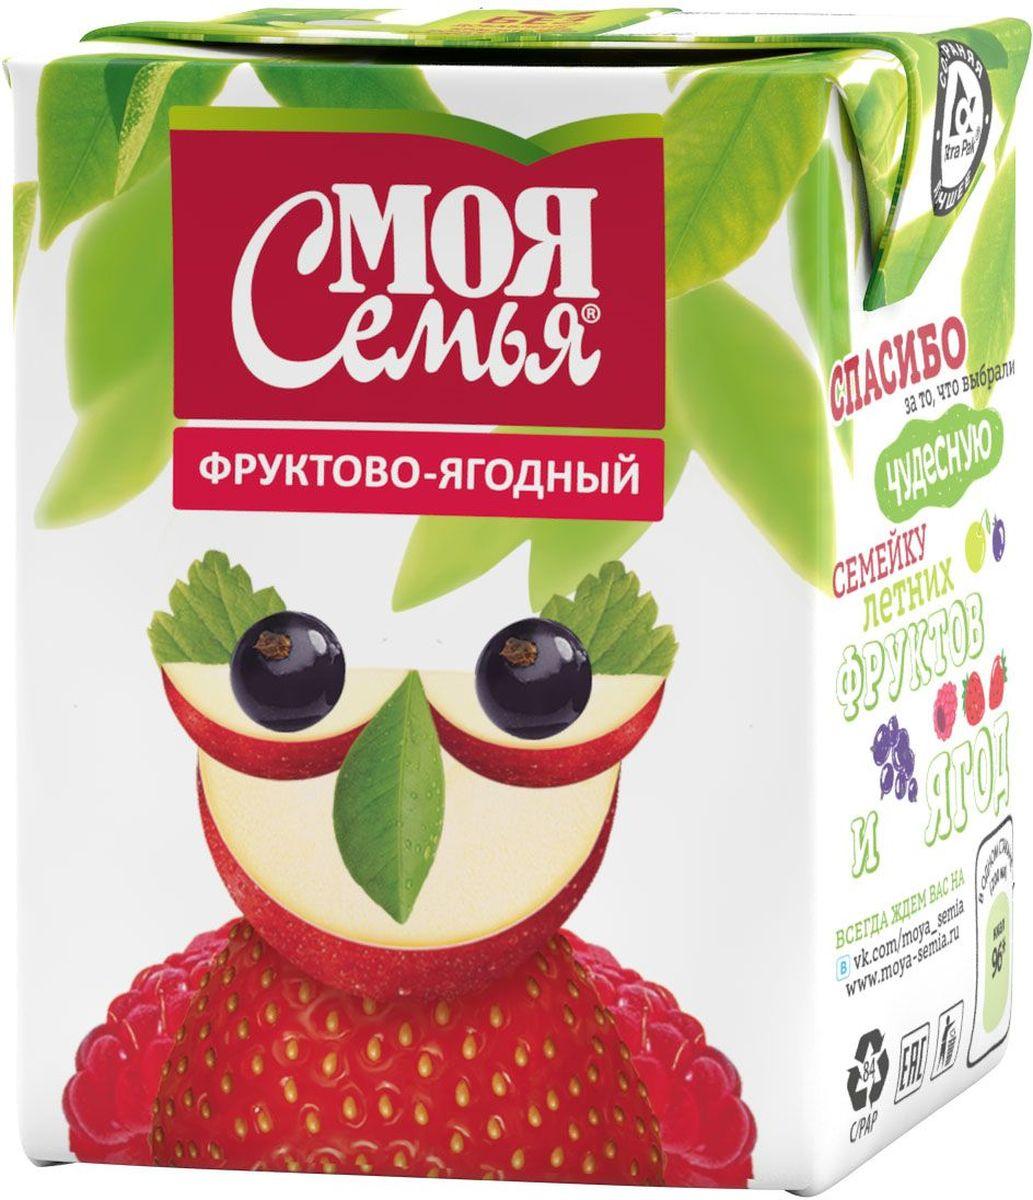 Моя Семья Фруктово-ягодный нектар, 0,2 л моя семья фруктово ягодный нектар 1 л